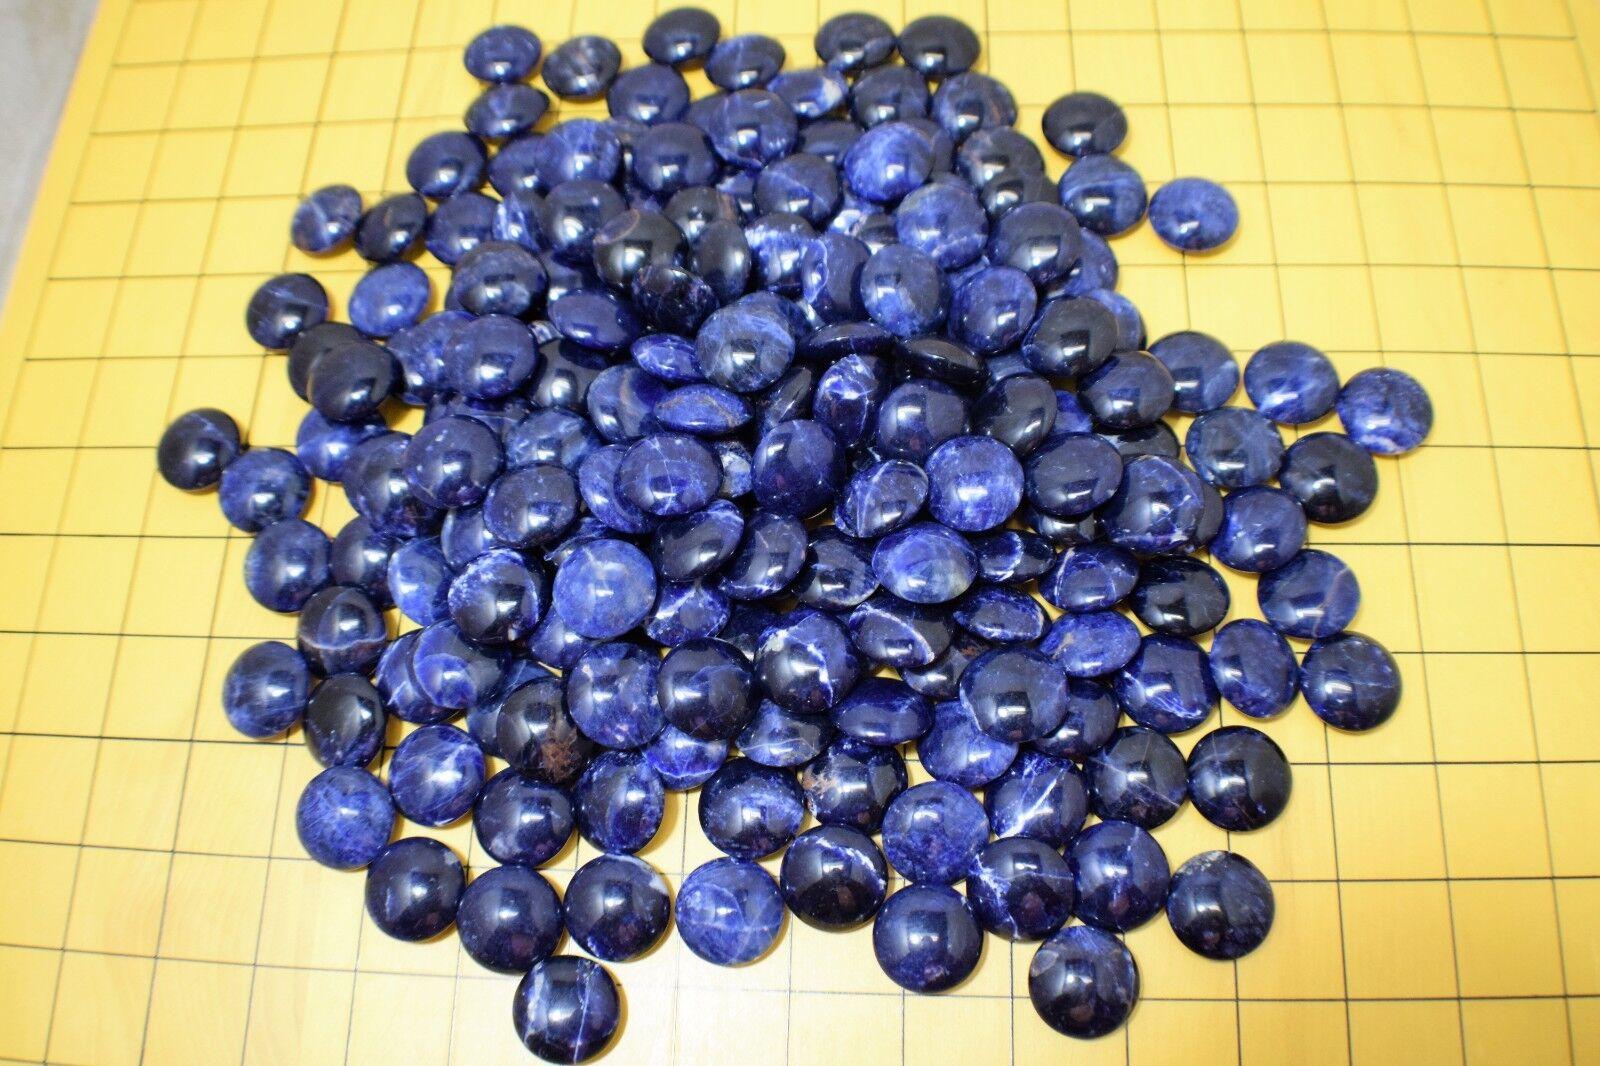 BRAZILIAN blueE (Dark) Go stones - Go game, Baduk, Baduk, Baduk, Weiqi, Igo. 536cdb